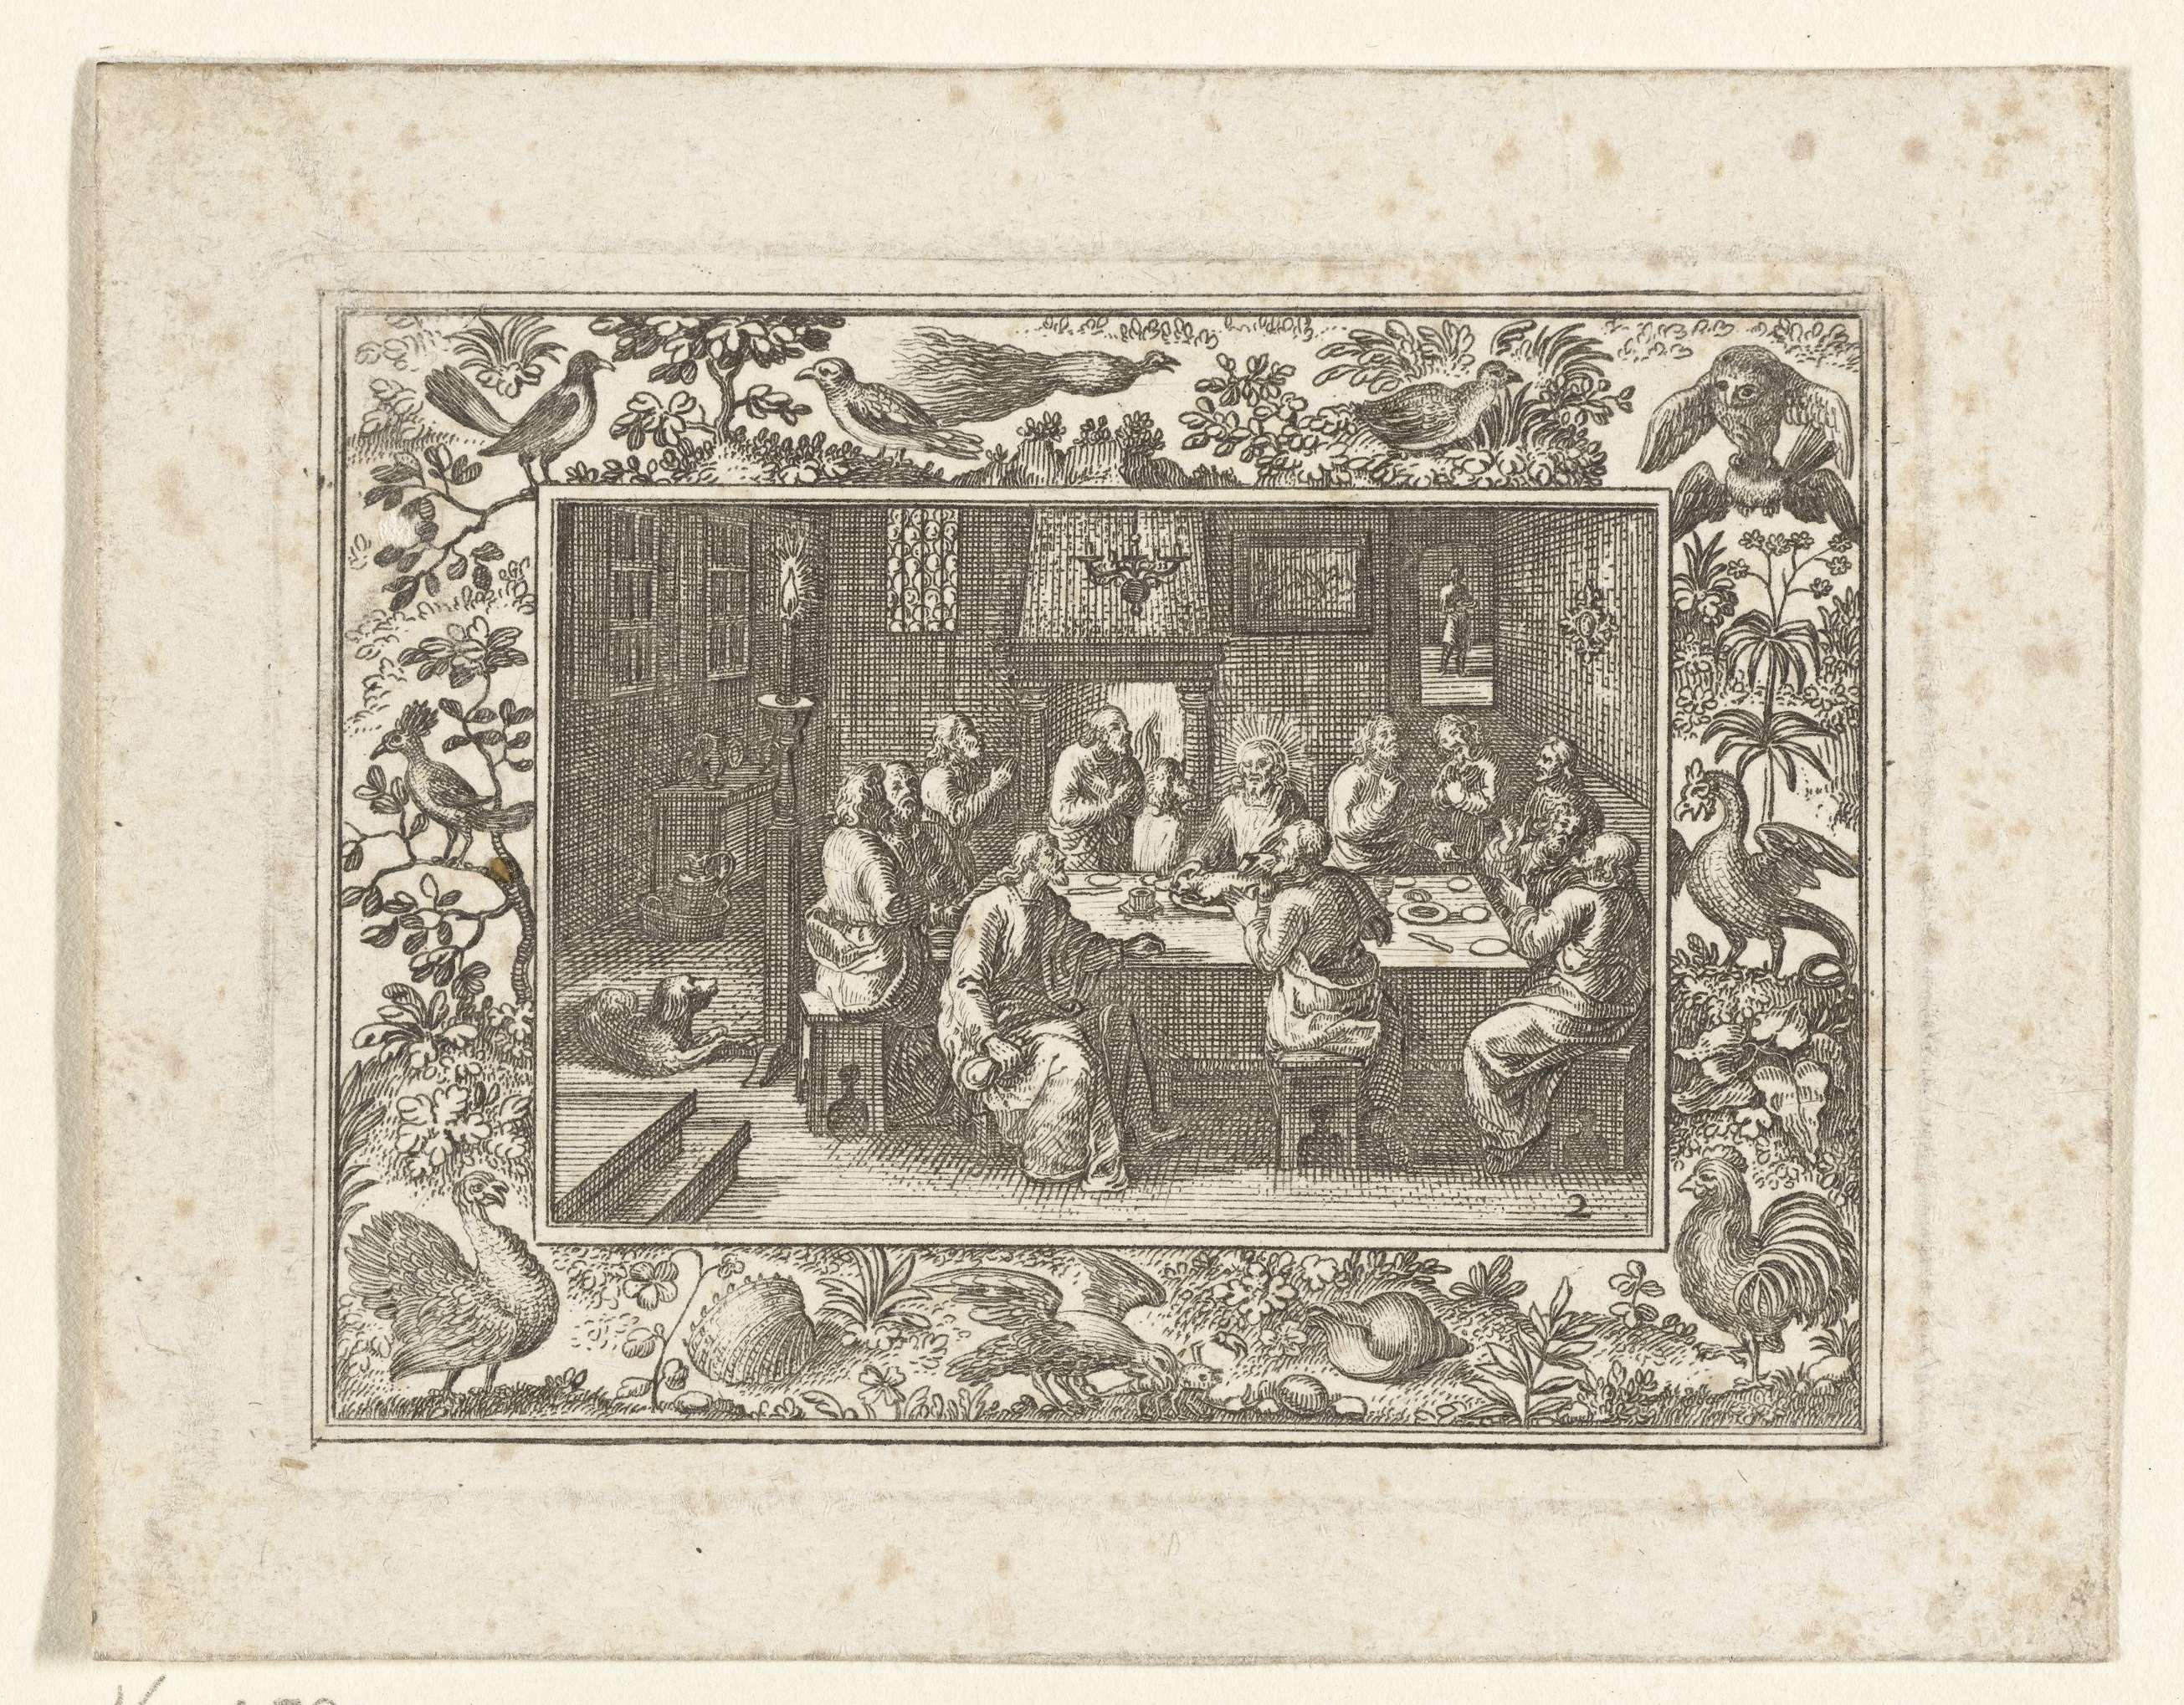 Anonymous | Passievoorstelling in lijst met vogels en schelpen, Anonymous, c. 1600 - c. 1699 | Onderaan pikt een vogel in een krab.